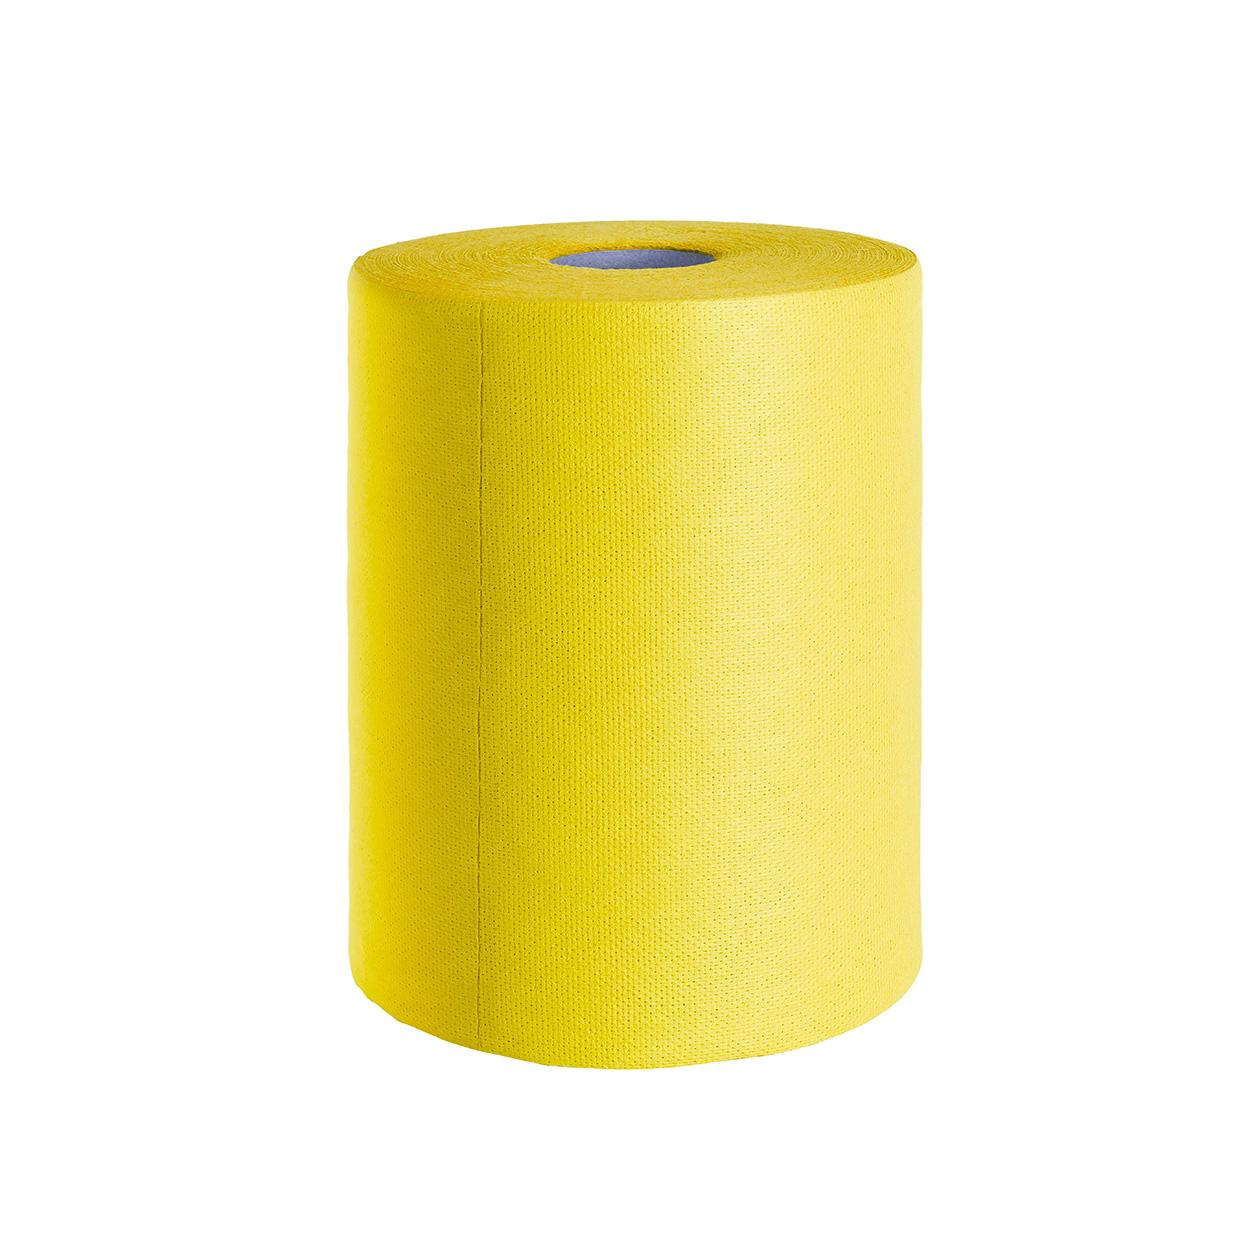 Farebná utierka pre hrubé čistenie - žltá